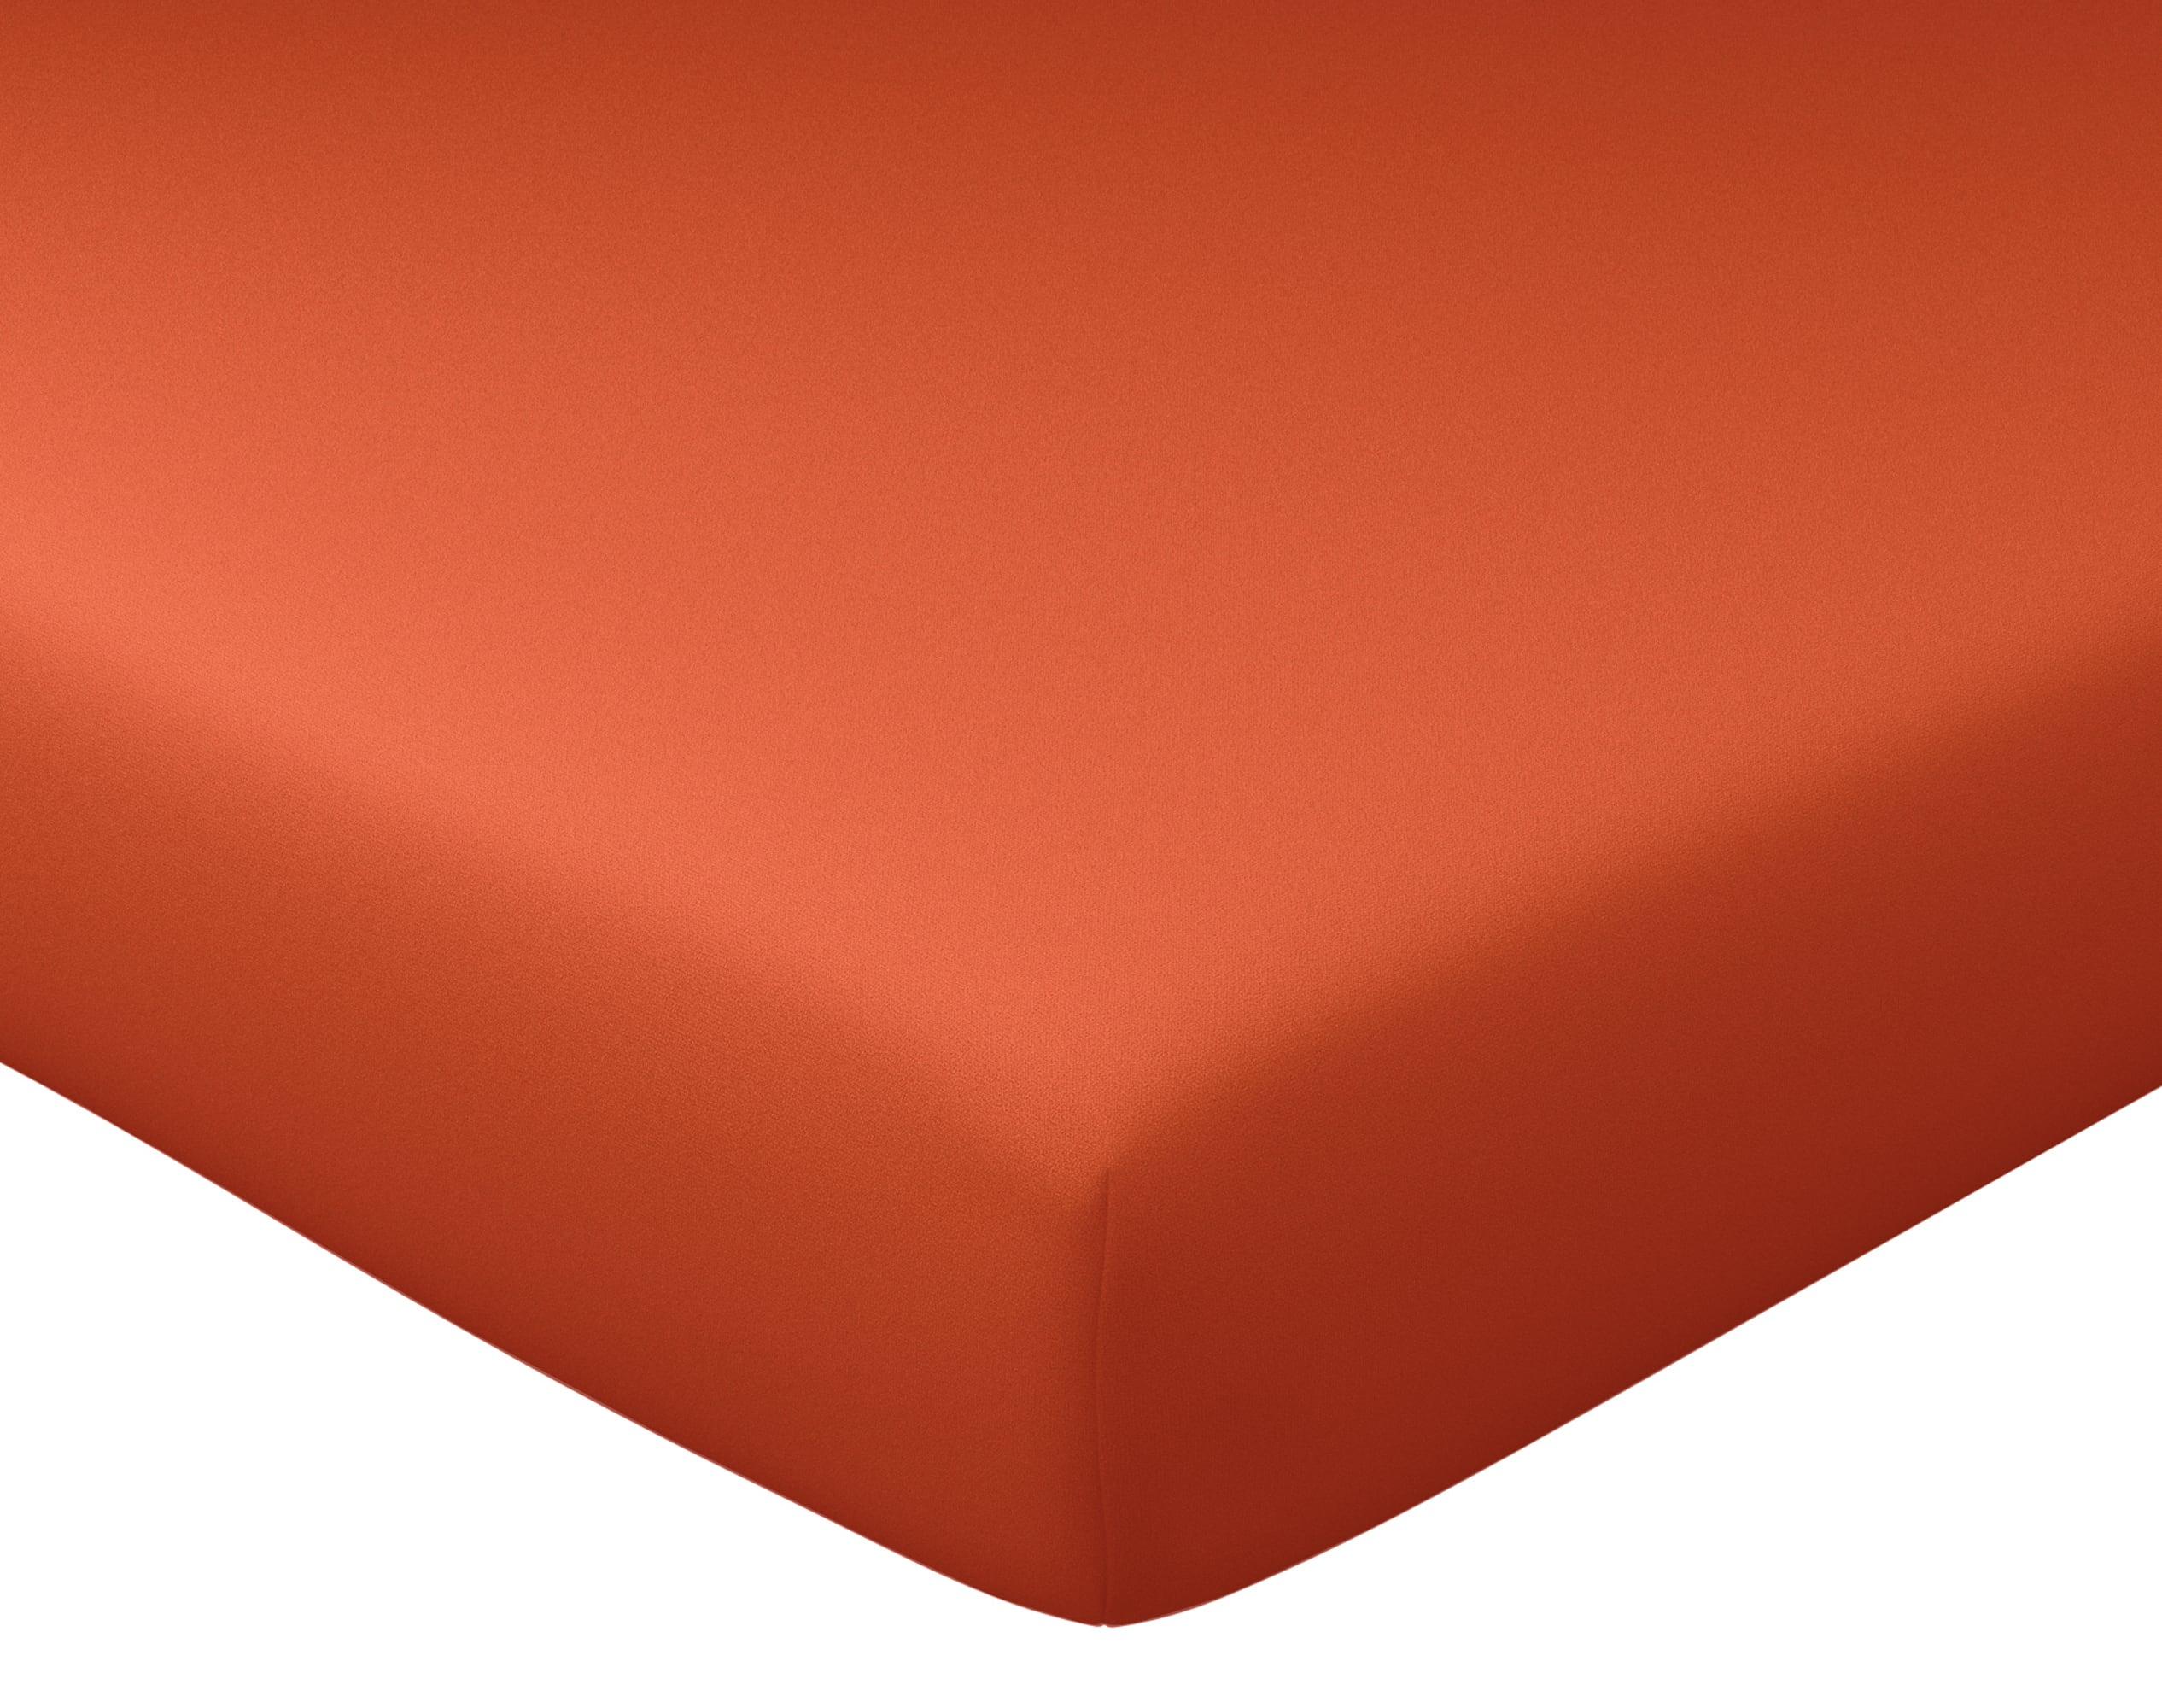 Drap-housse 140x190 en percale de coton  orange terracotta